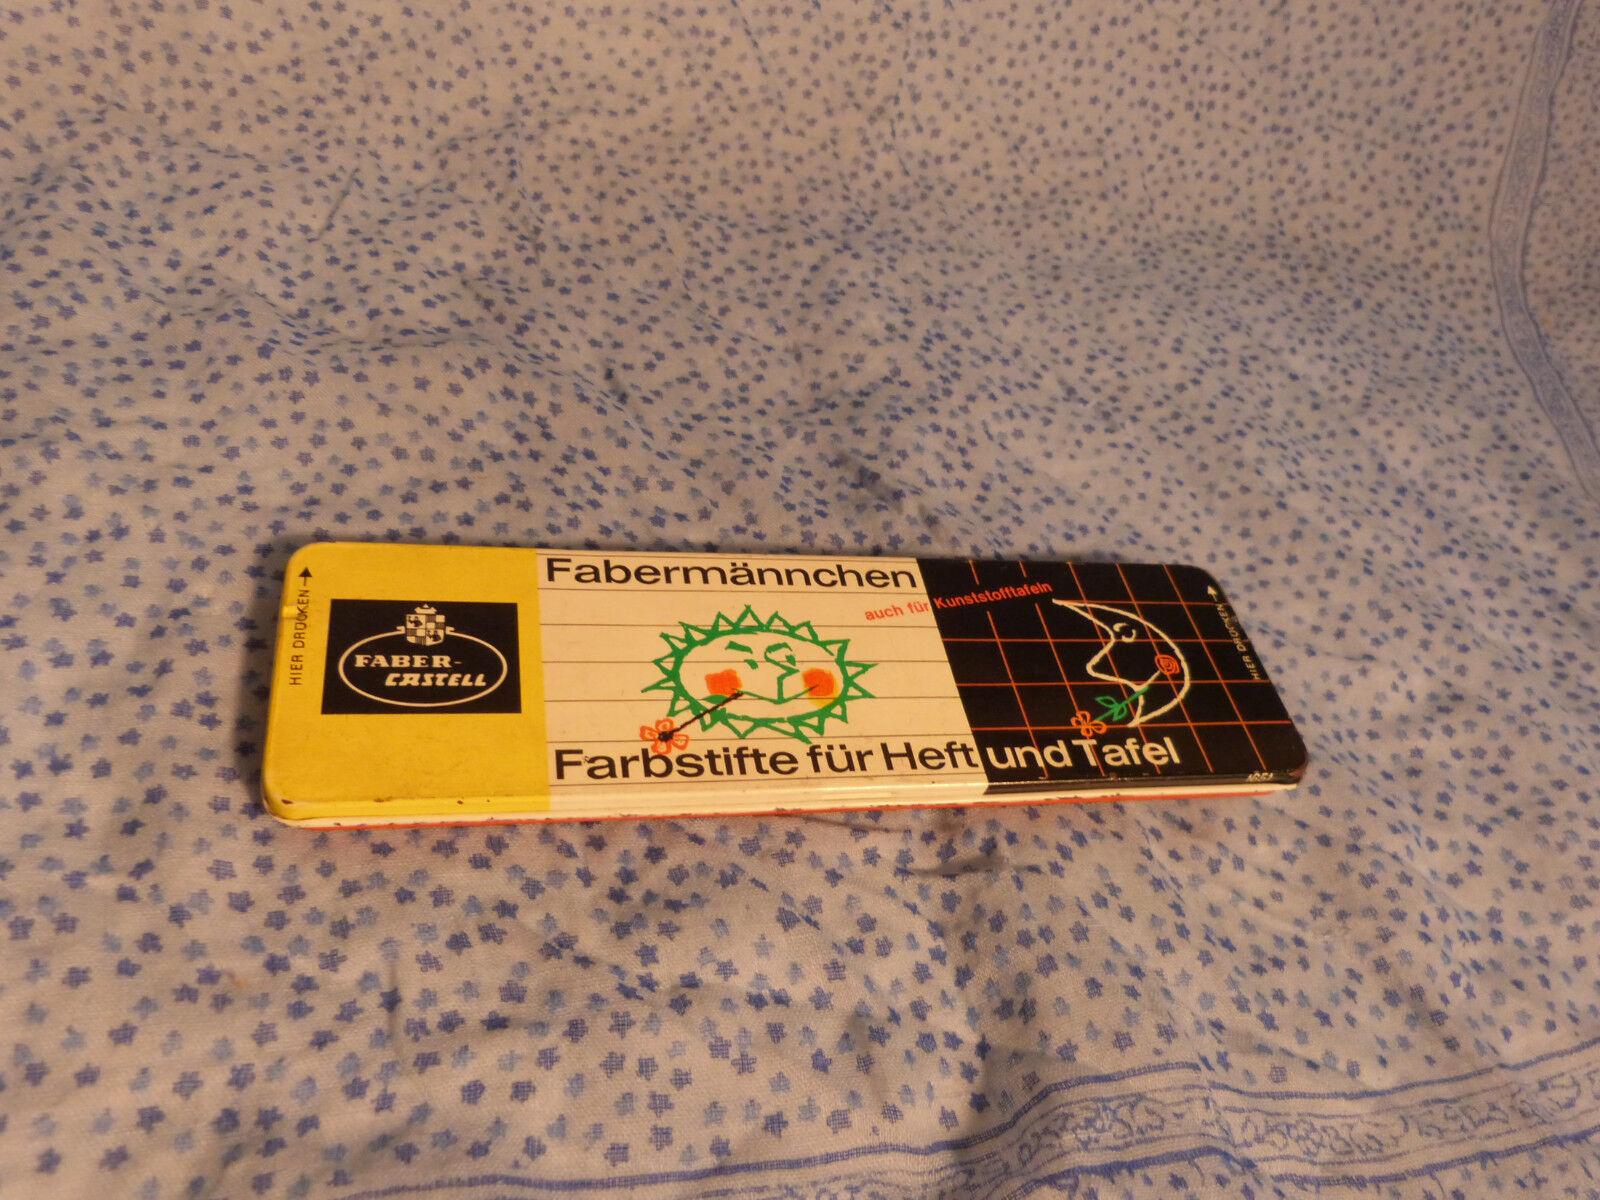 Faber-Castell Fabermännchen Metallschachtel 1650 für Papier und Tafel   Stifte   Outlet Store Online    Guter weltweiter Ruf    Günstige Bestellung